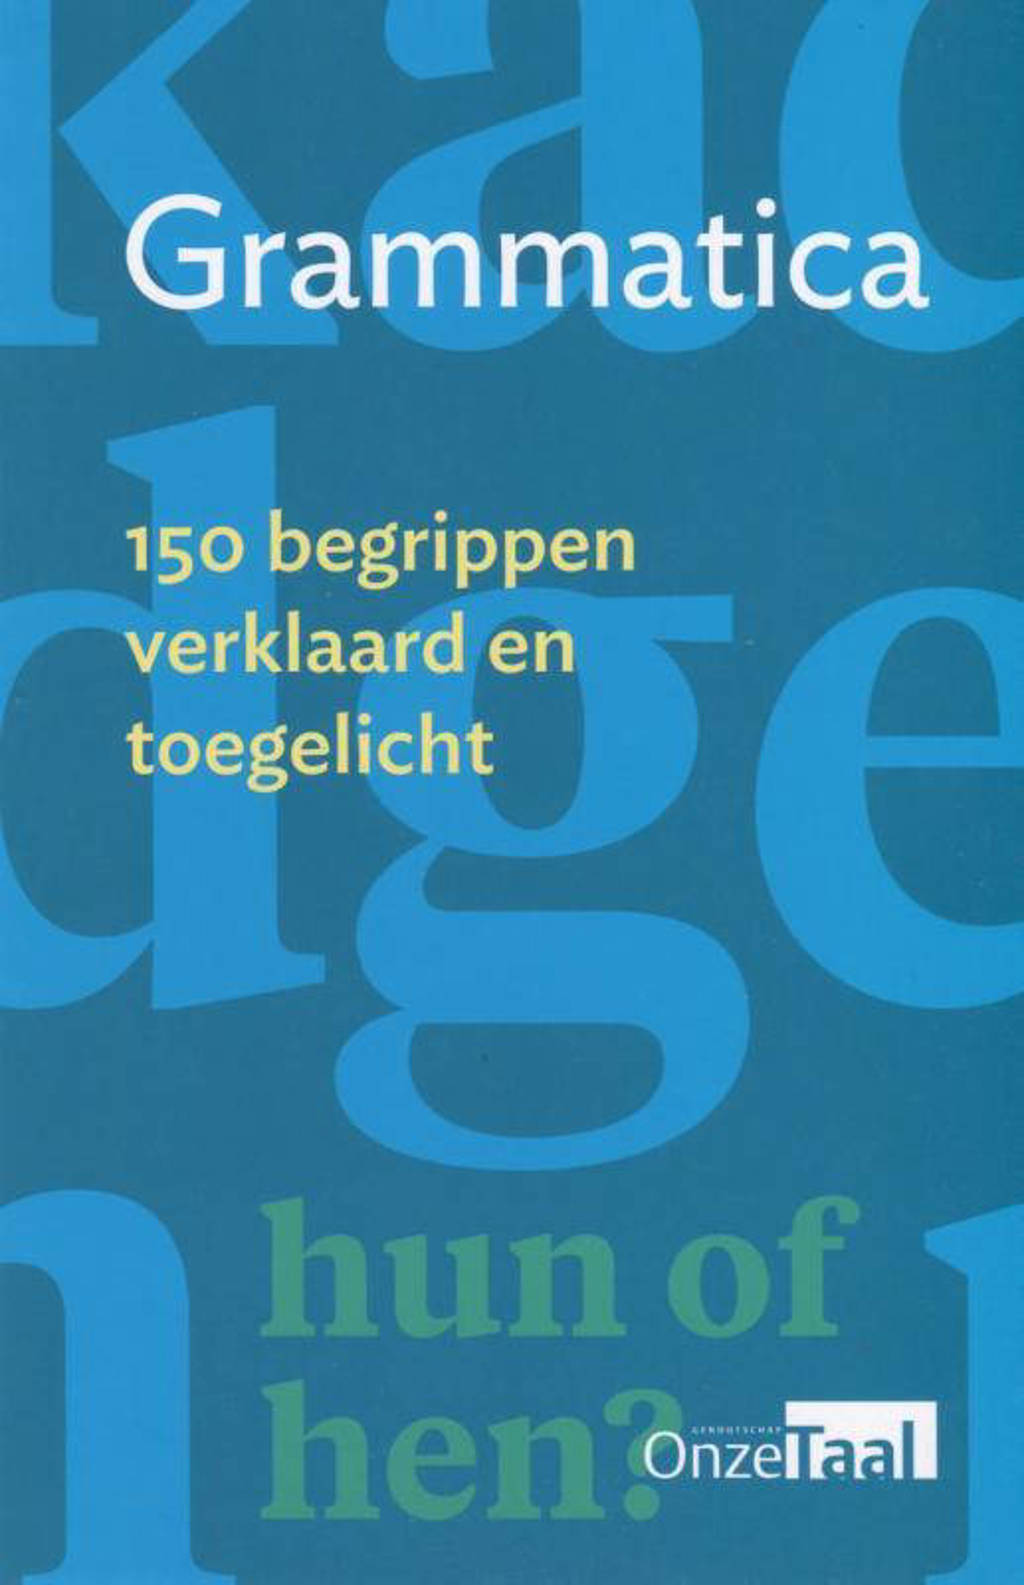 Grammatica - Genootschap Onze Taal